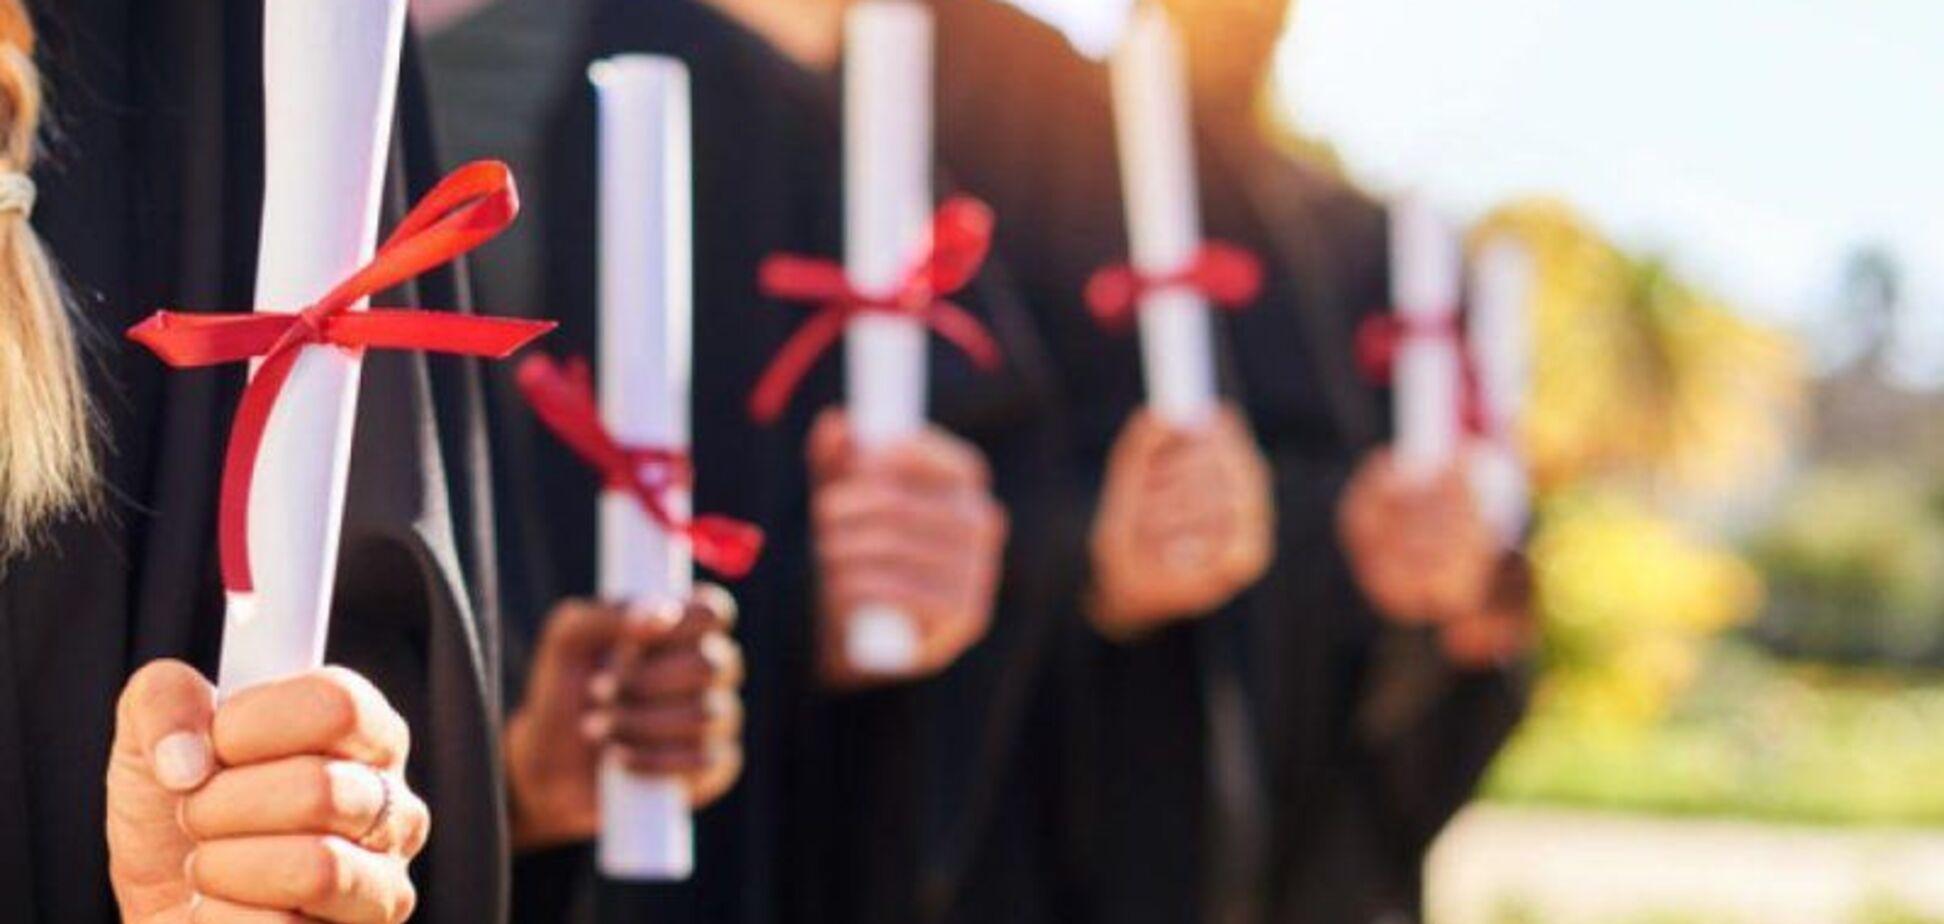 Образование продлевает жизнь: обнародованы итоги 30-летнего исследования